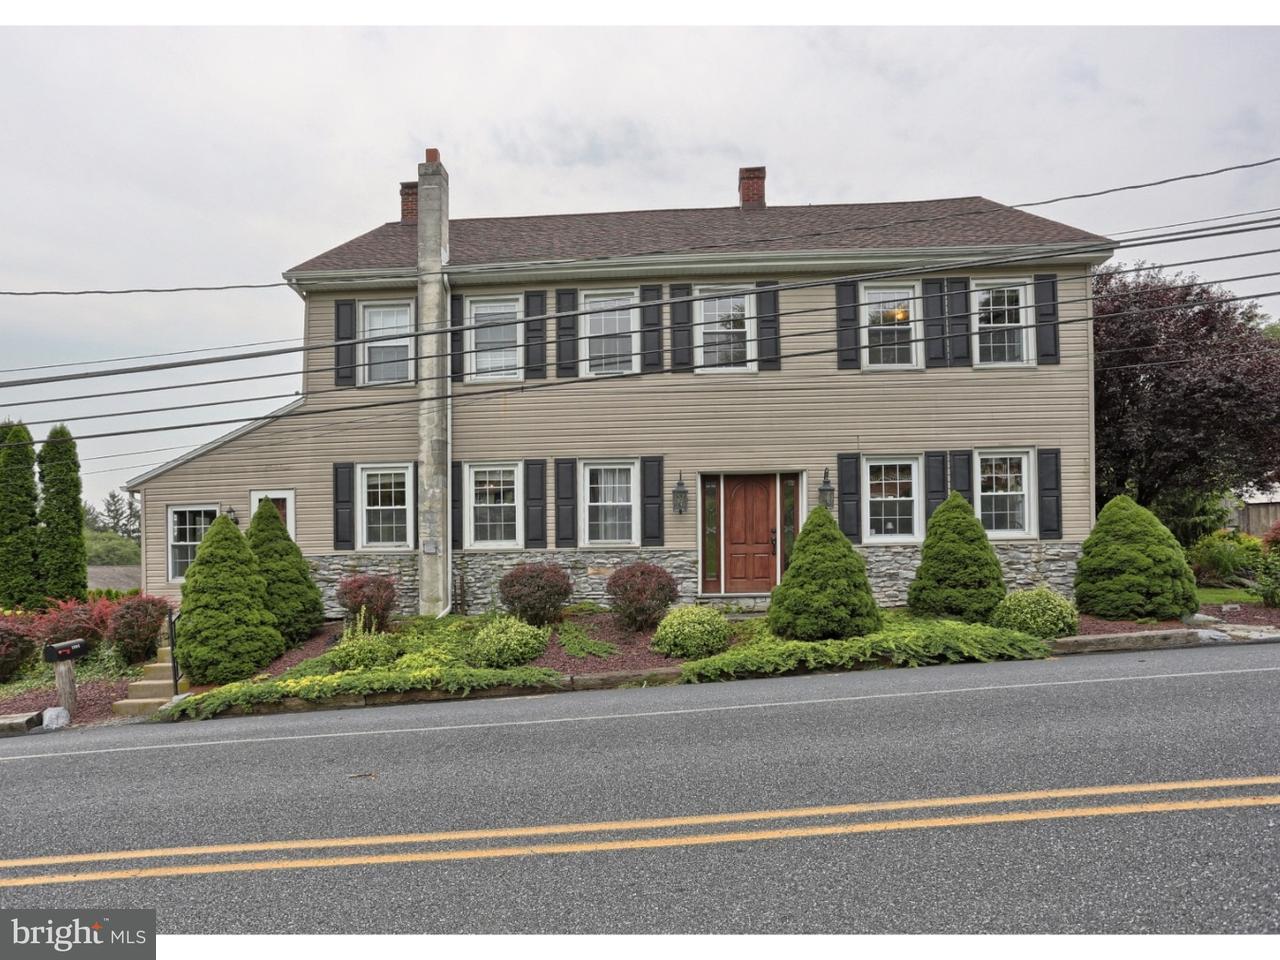 Частный односемейный дом для того Продажа на 1004 TULPEHOCKEN Richland, Пенсильвания 17087 Соединенные Штаты